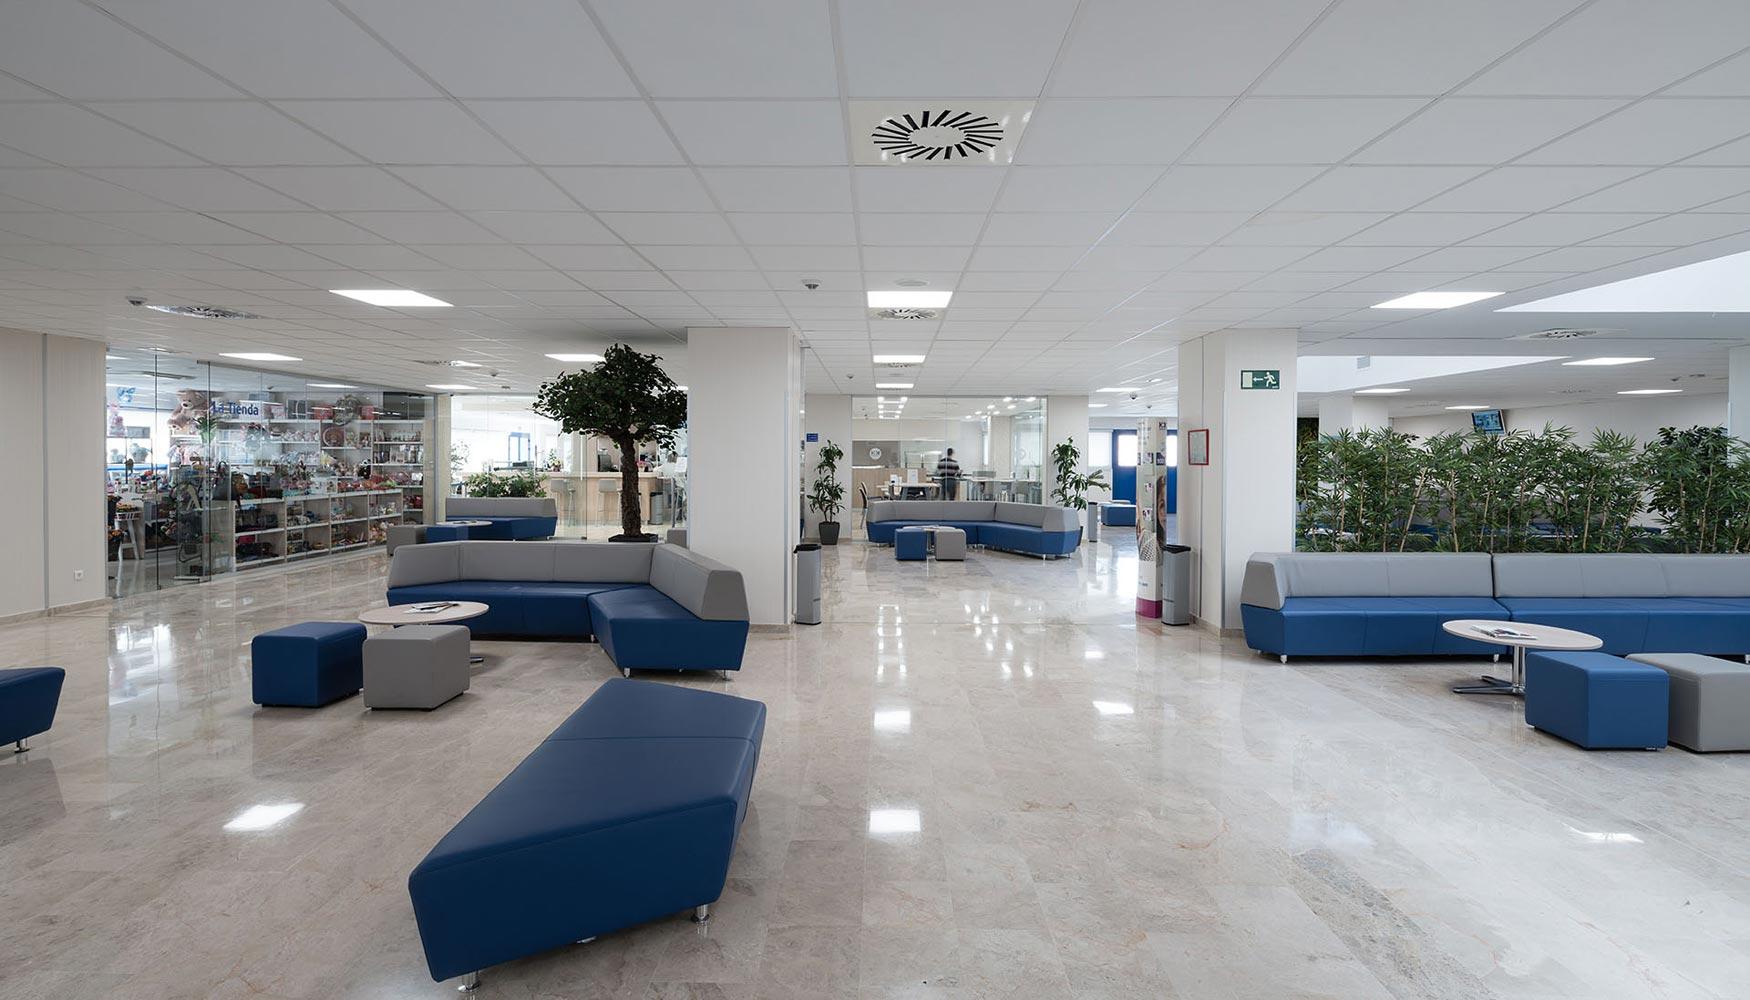 Hospital hm puerta del sur un centro vanguardista con m2 de techos armstrong construcci n - Hospital puerta del sur telefono gratuito ...